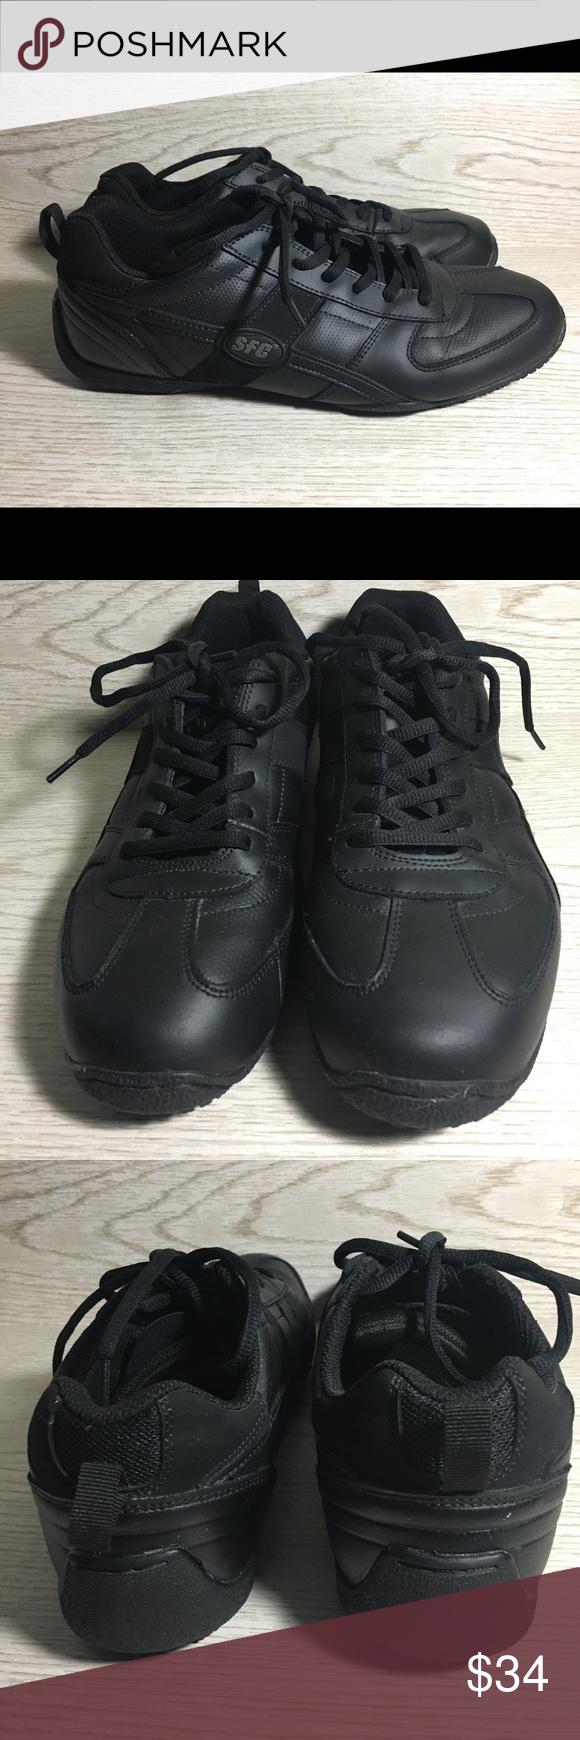 Shoes for Crews Men's Shoes Black 11M Non Slip | Mens shoes black, Black  shoes, All black sneakers